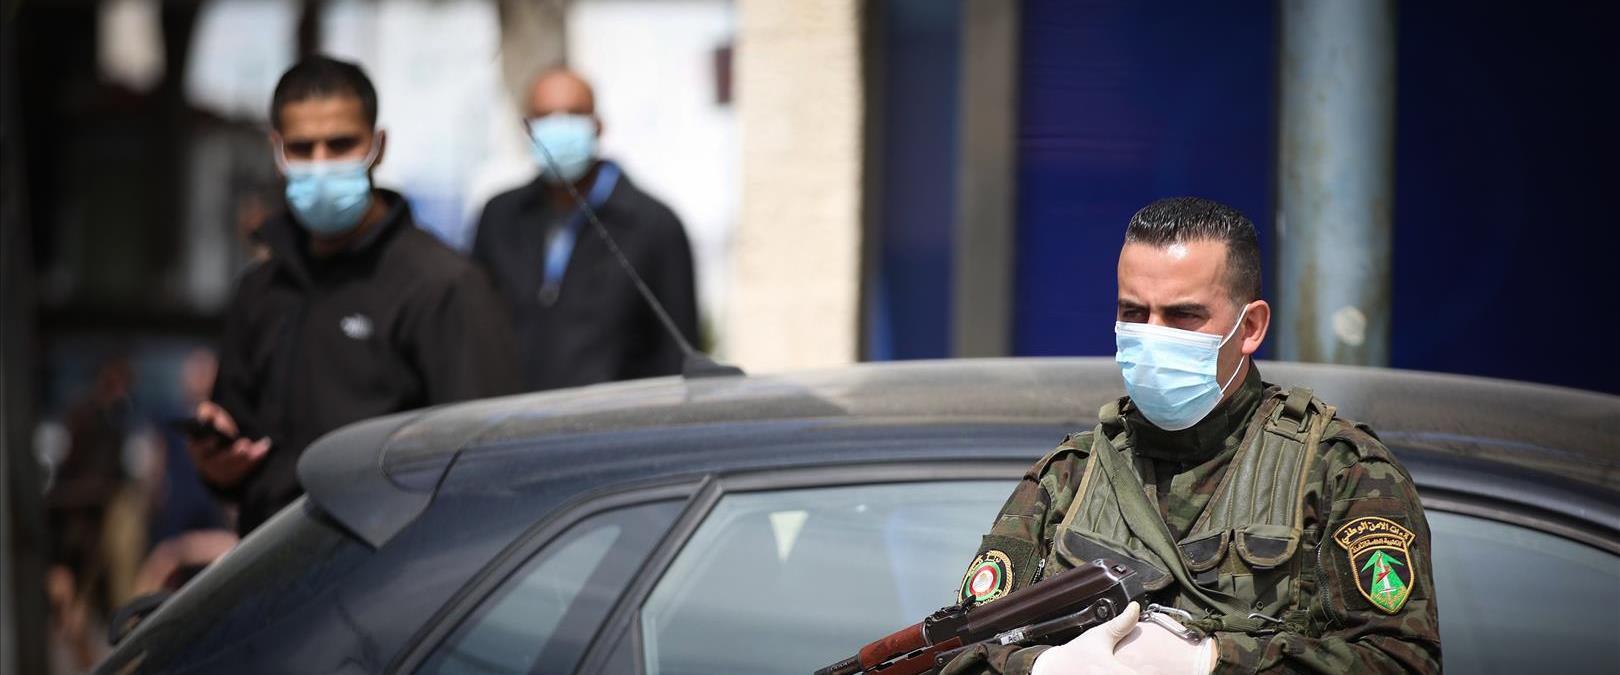 שוטר פלסטיני מחוץ לבית חולים ברמאללה